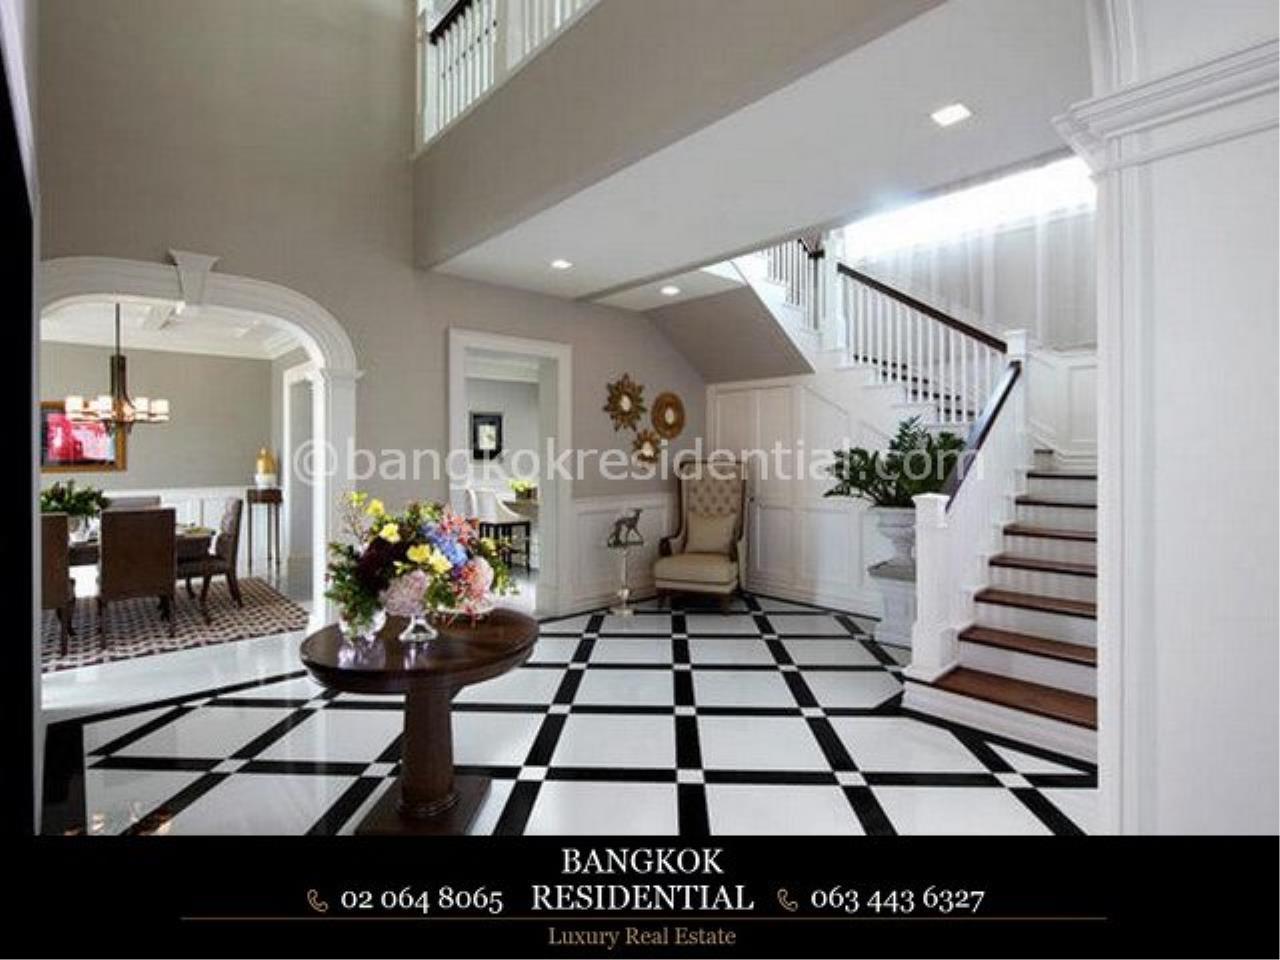 Bangkok Residential Agency's 4BR Narasiri Pattanakarn For Rent (BR7921SH) 2